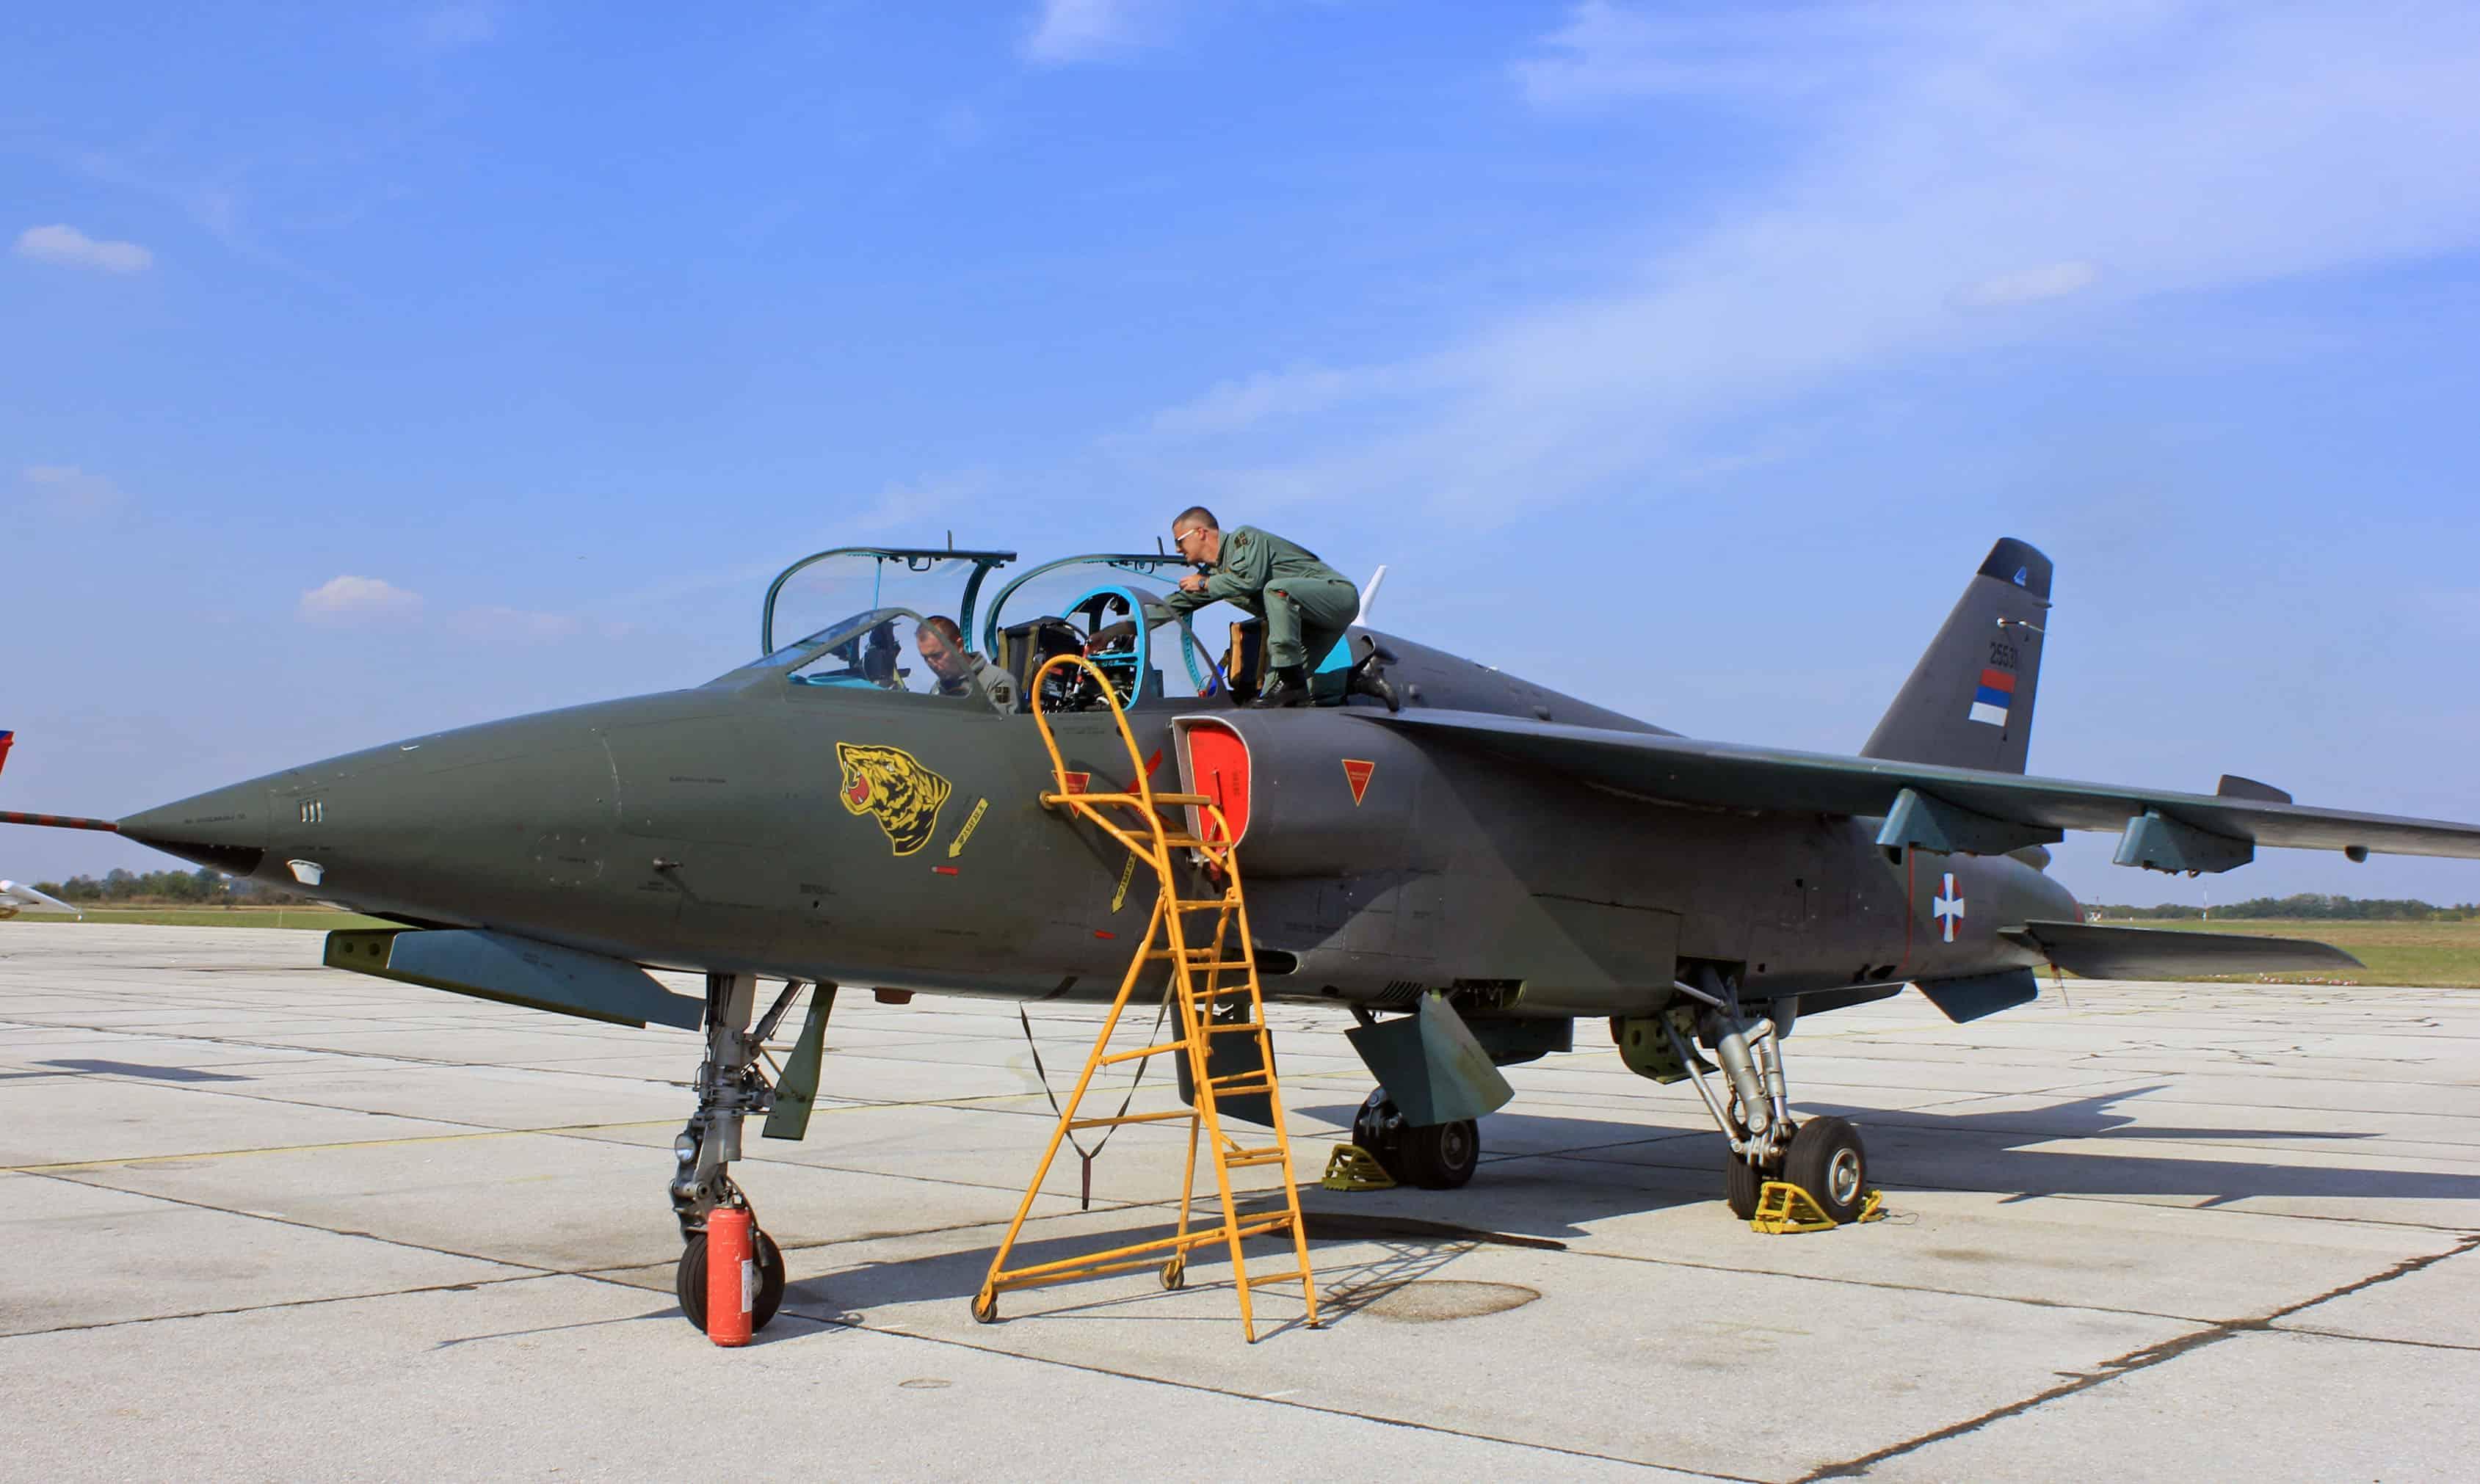 NJ-22 Orao на озброєнні сербської армії